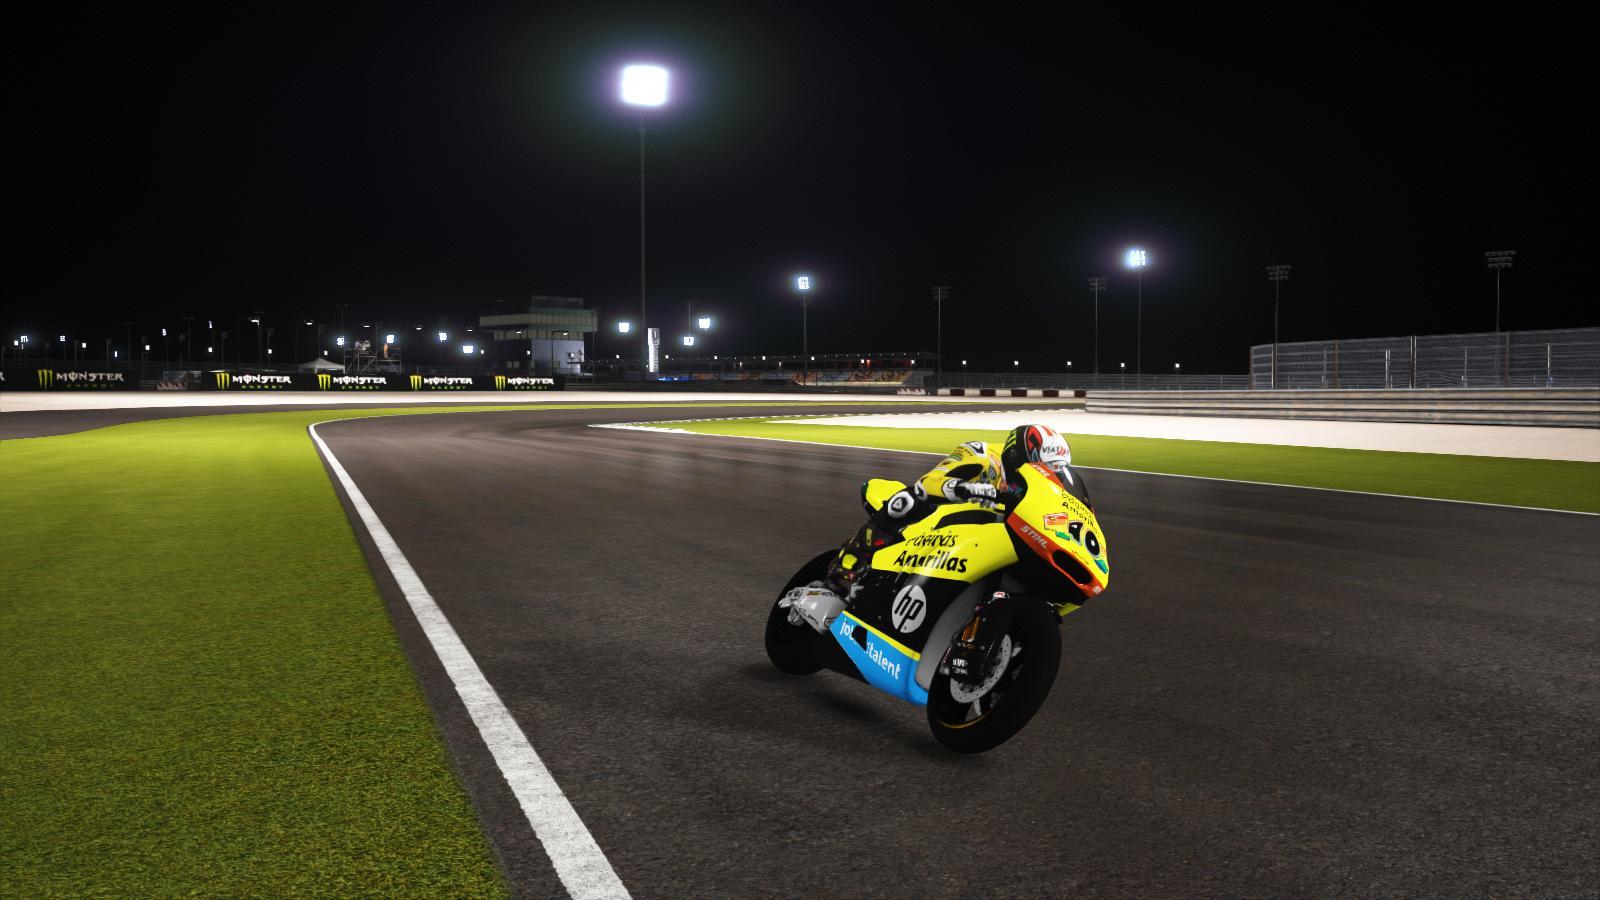 MotoGP15X64 2016-03-23 19-25-27-25.jpg